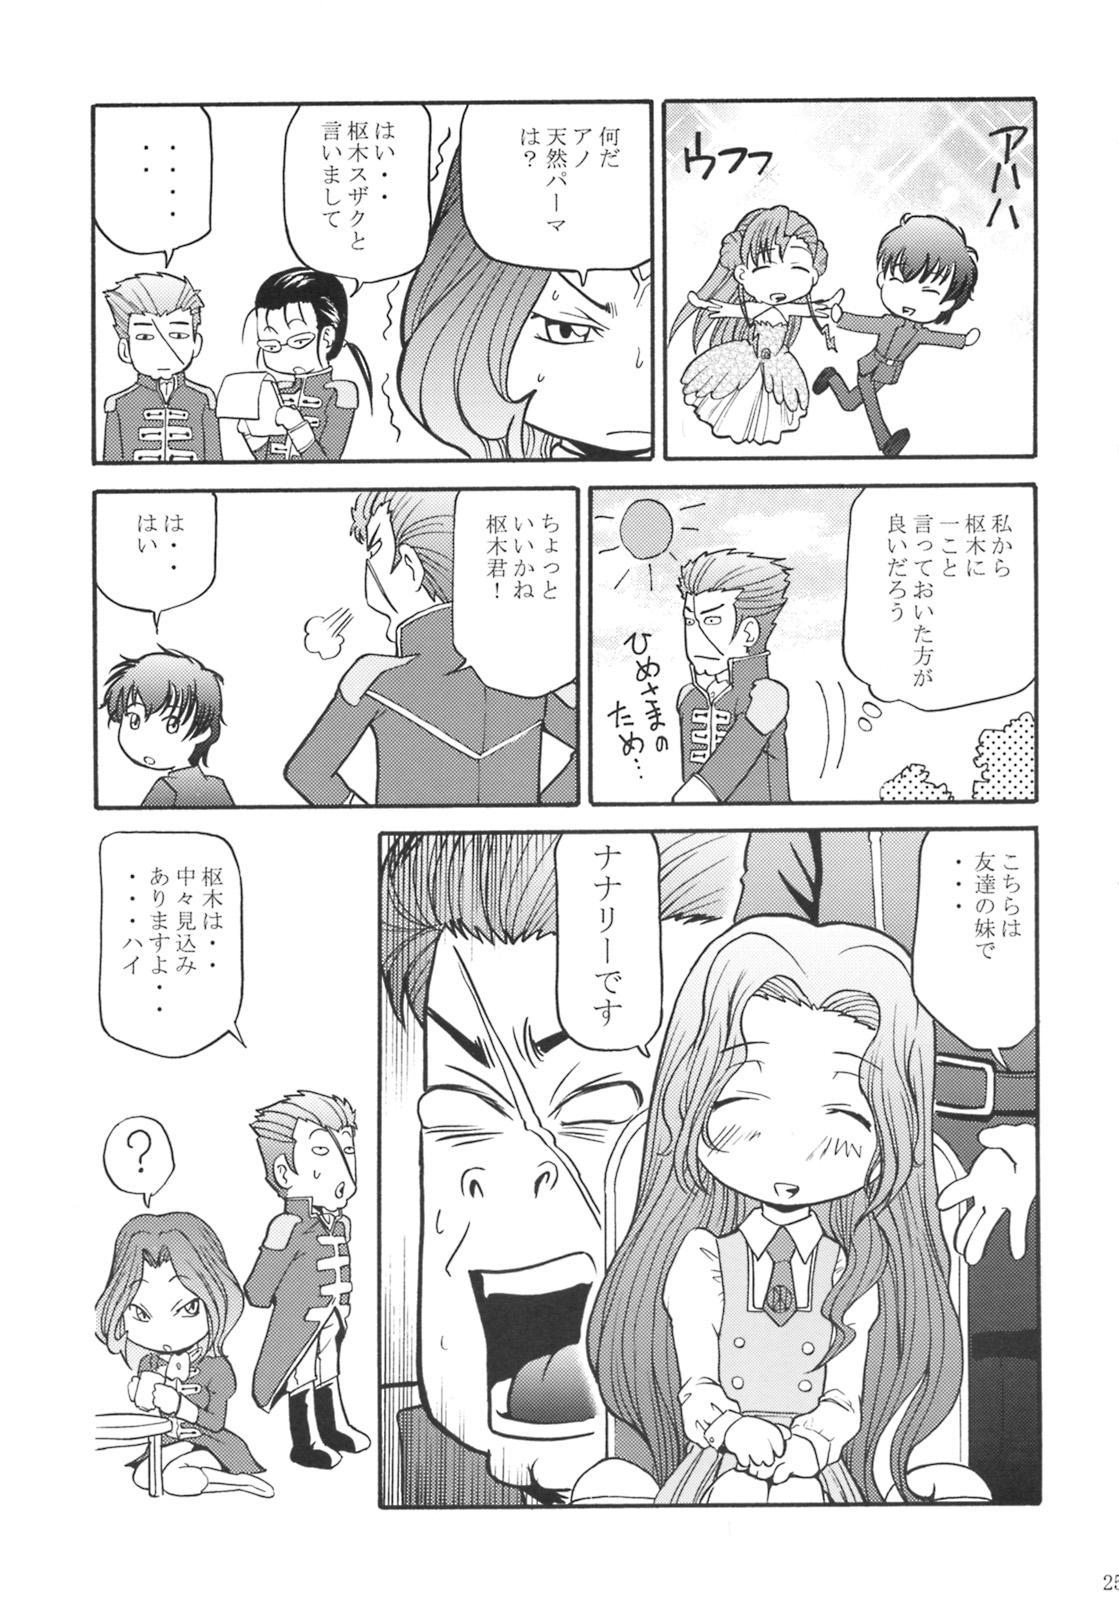 Kallen no Ryoujoku Nikki 23